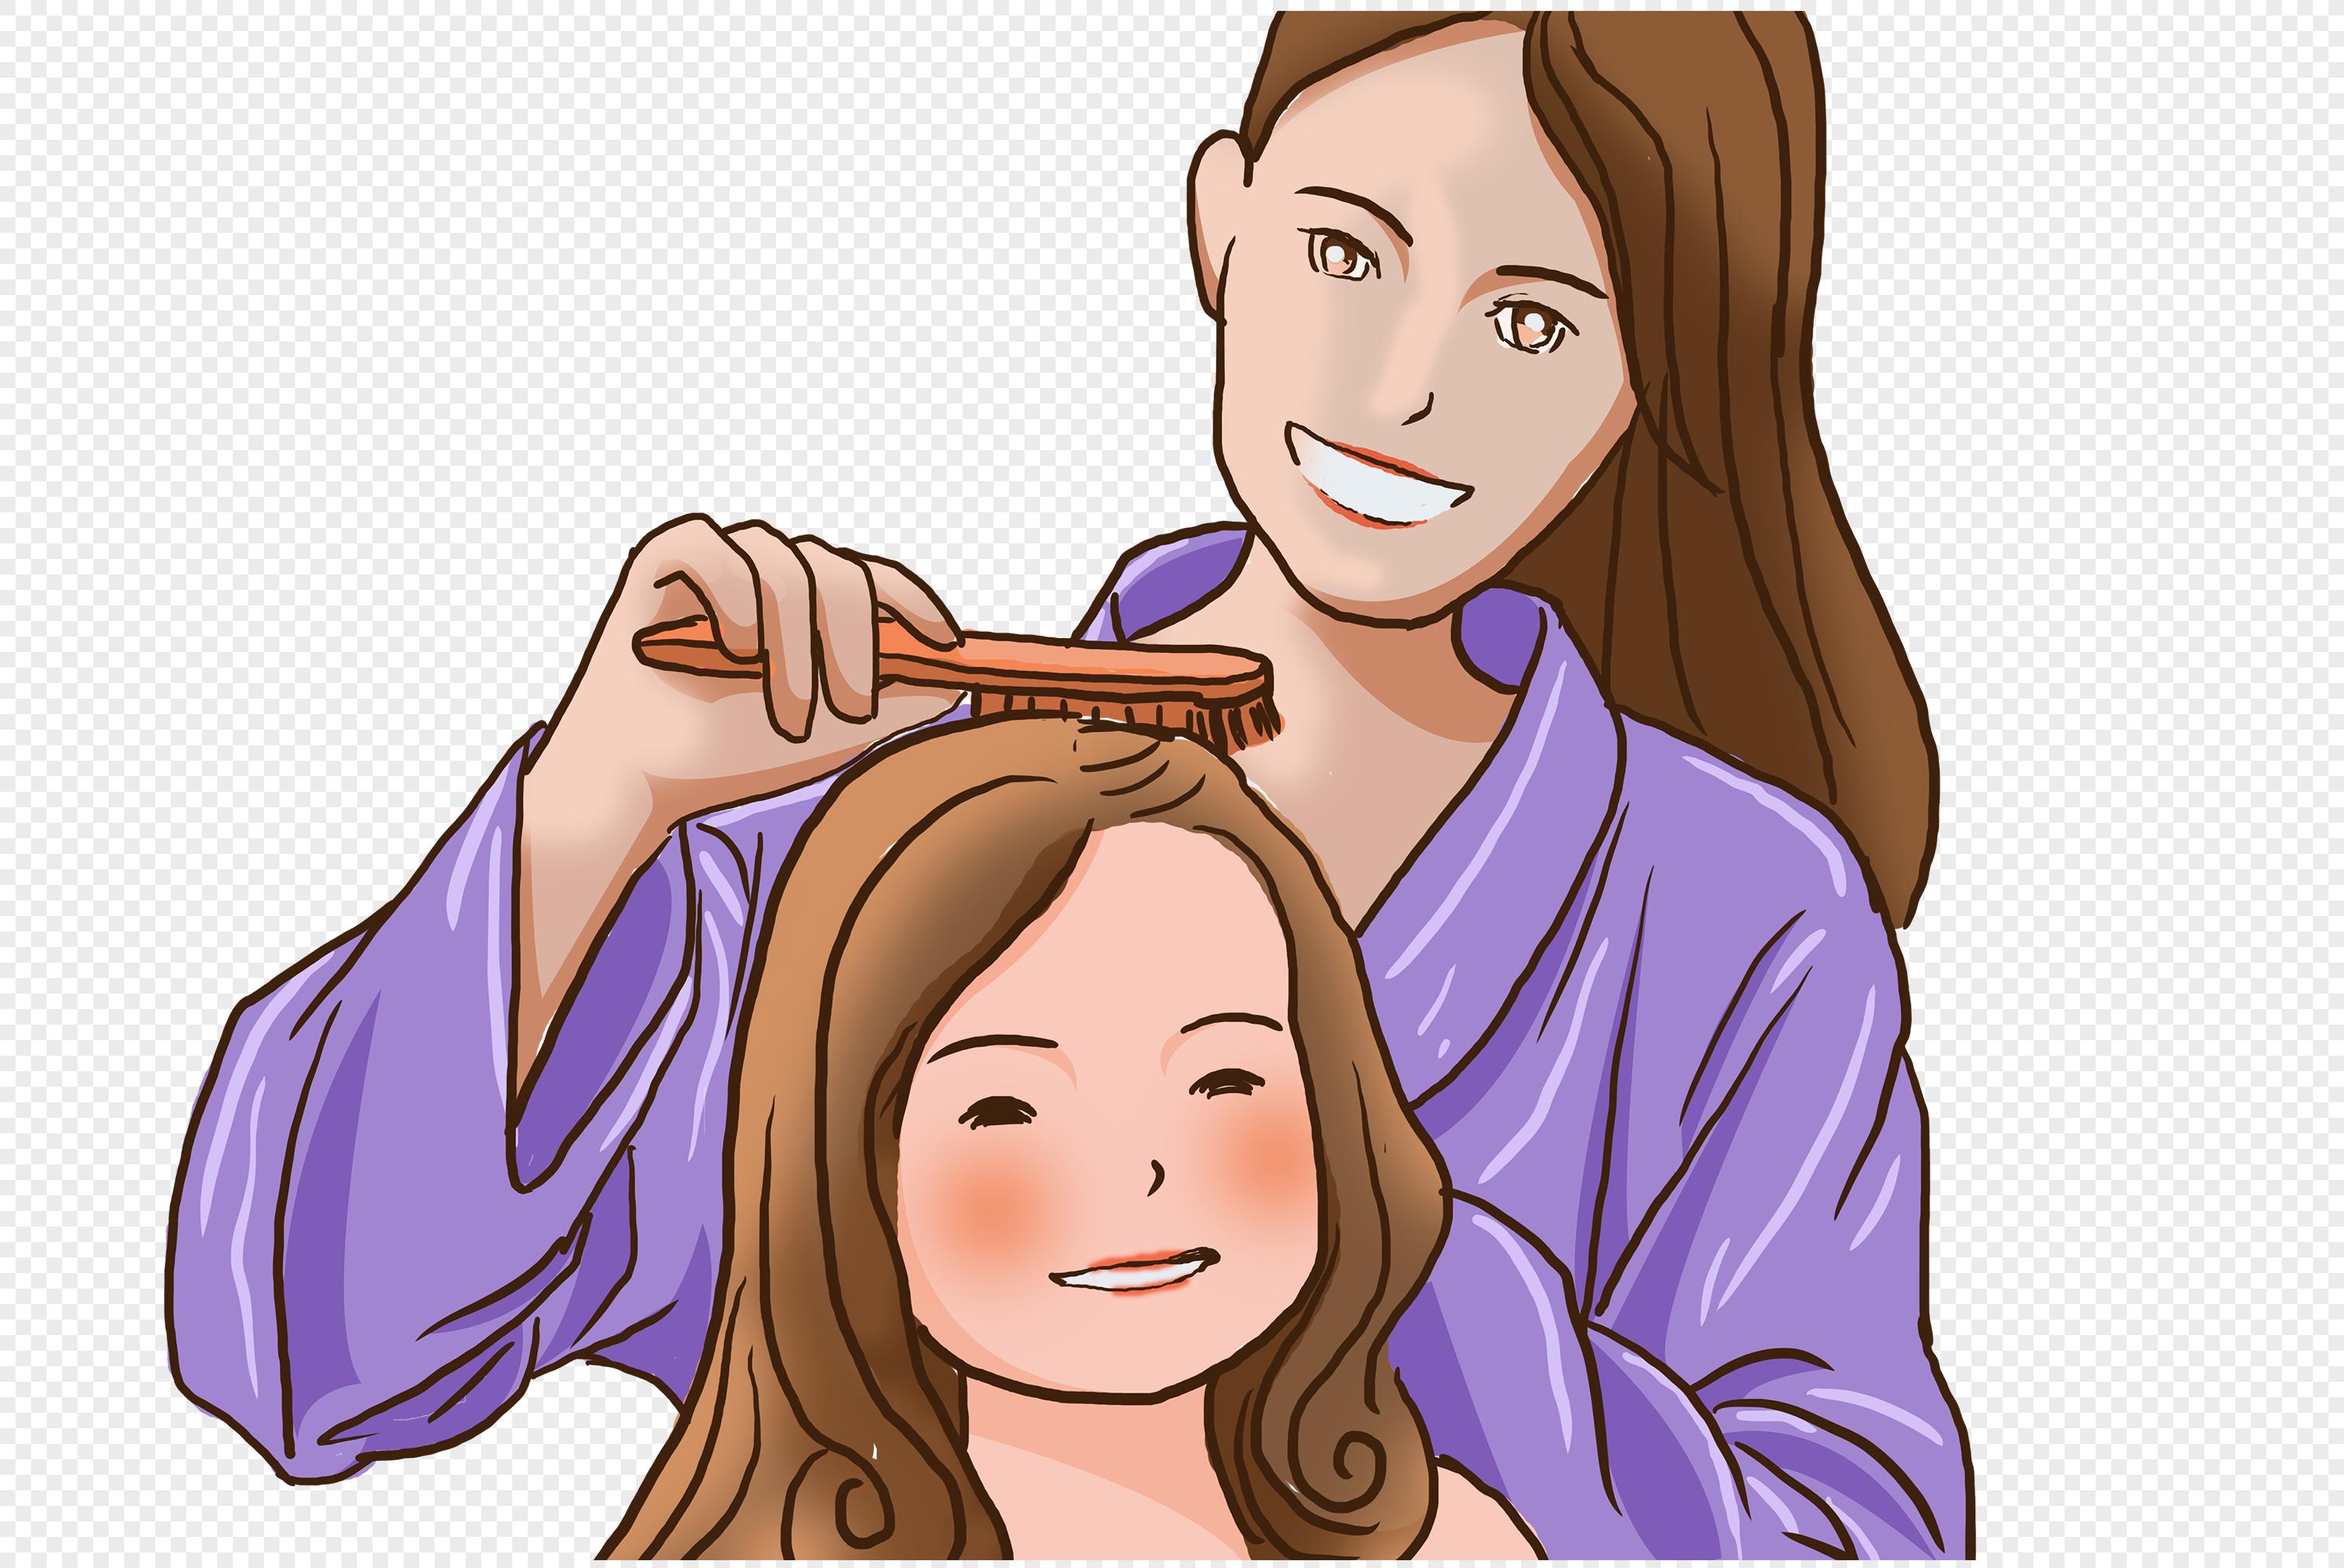 них волосы моей дочки в картинках поздравляю